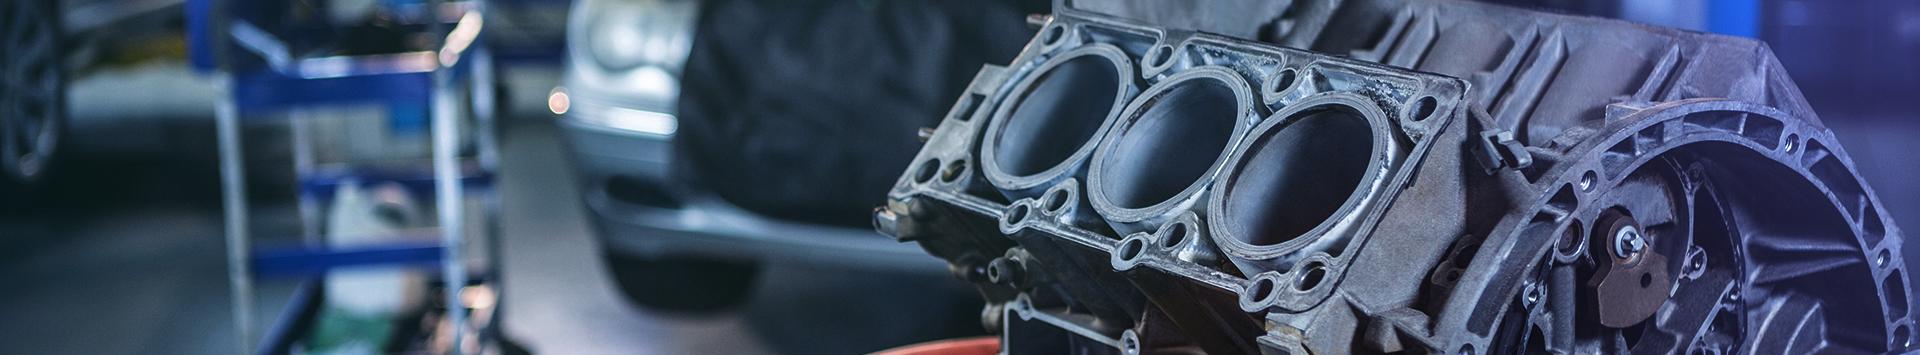 Szeroki wybór części do Twojego samochodu